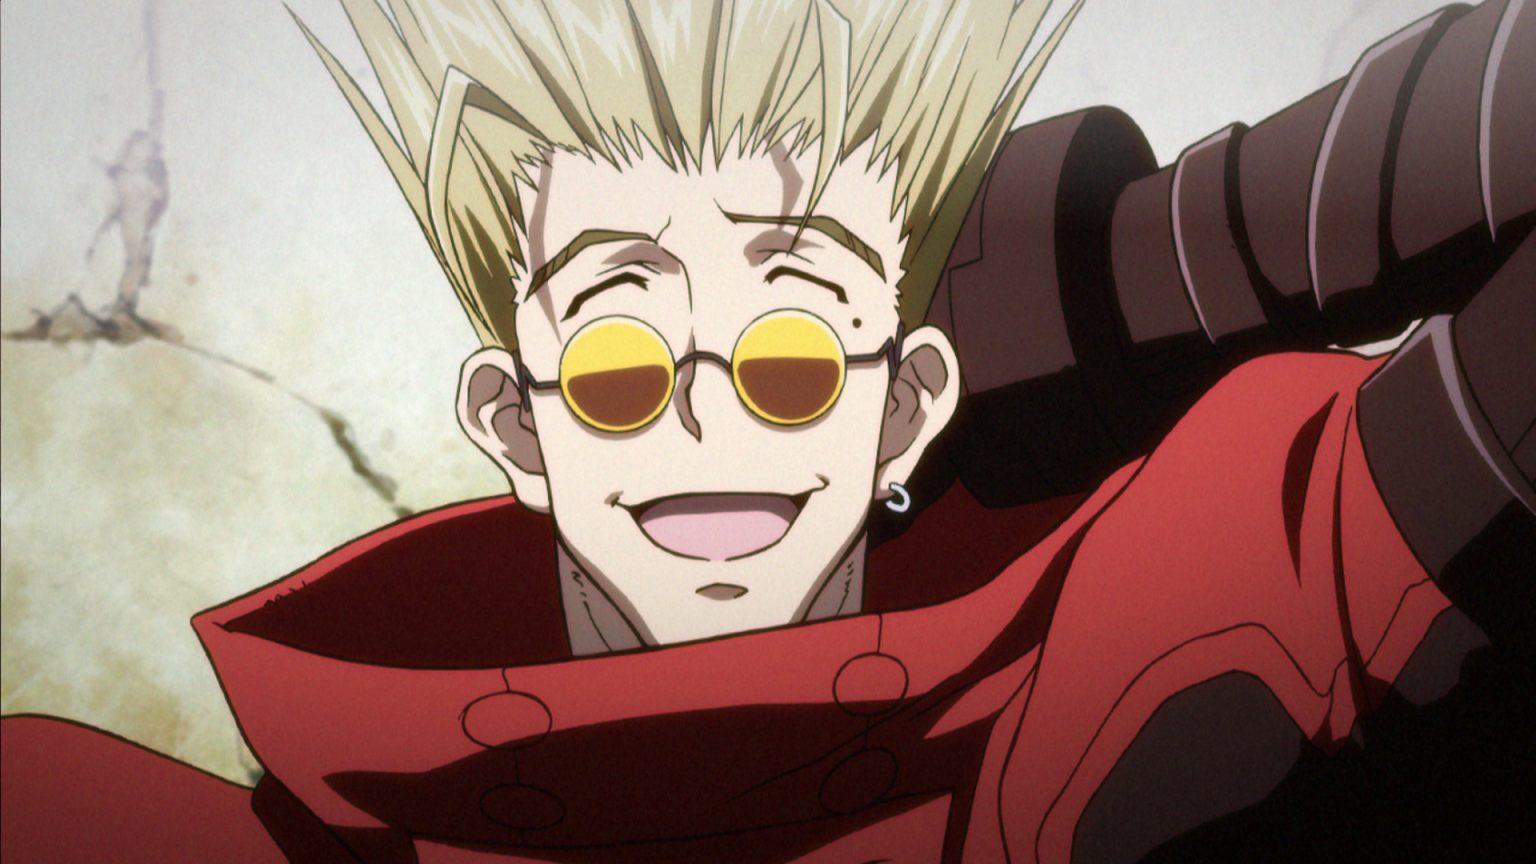 Los 15 personajes de anime más populares. Vash the Stampede